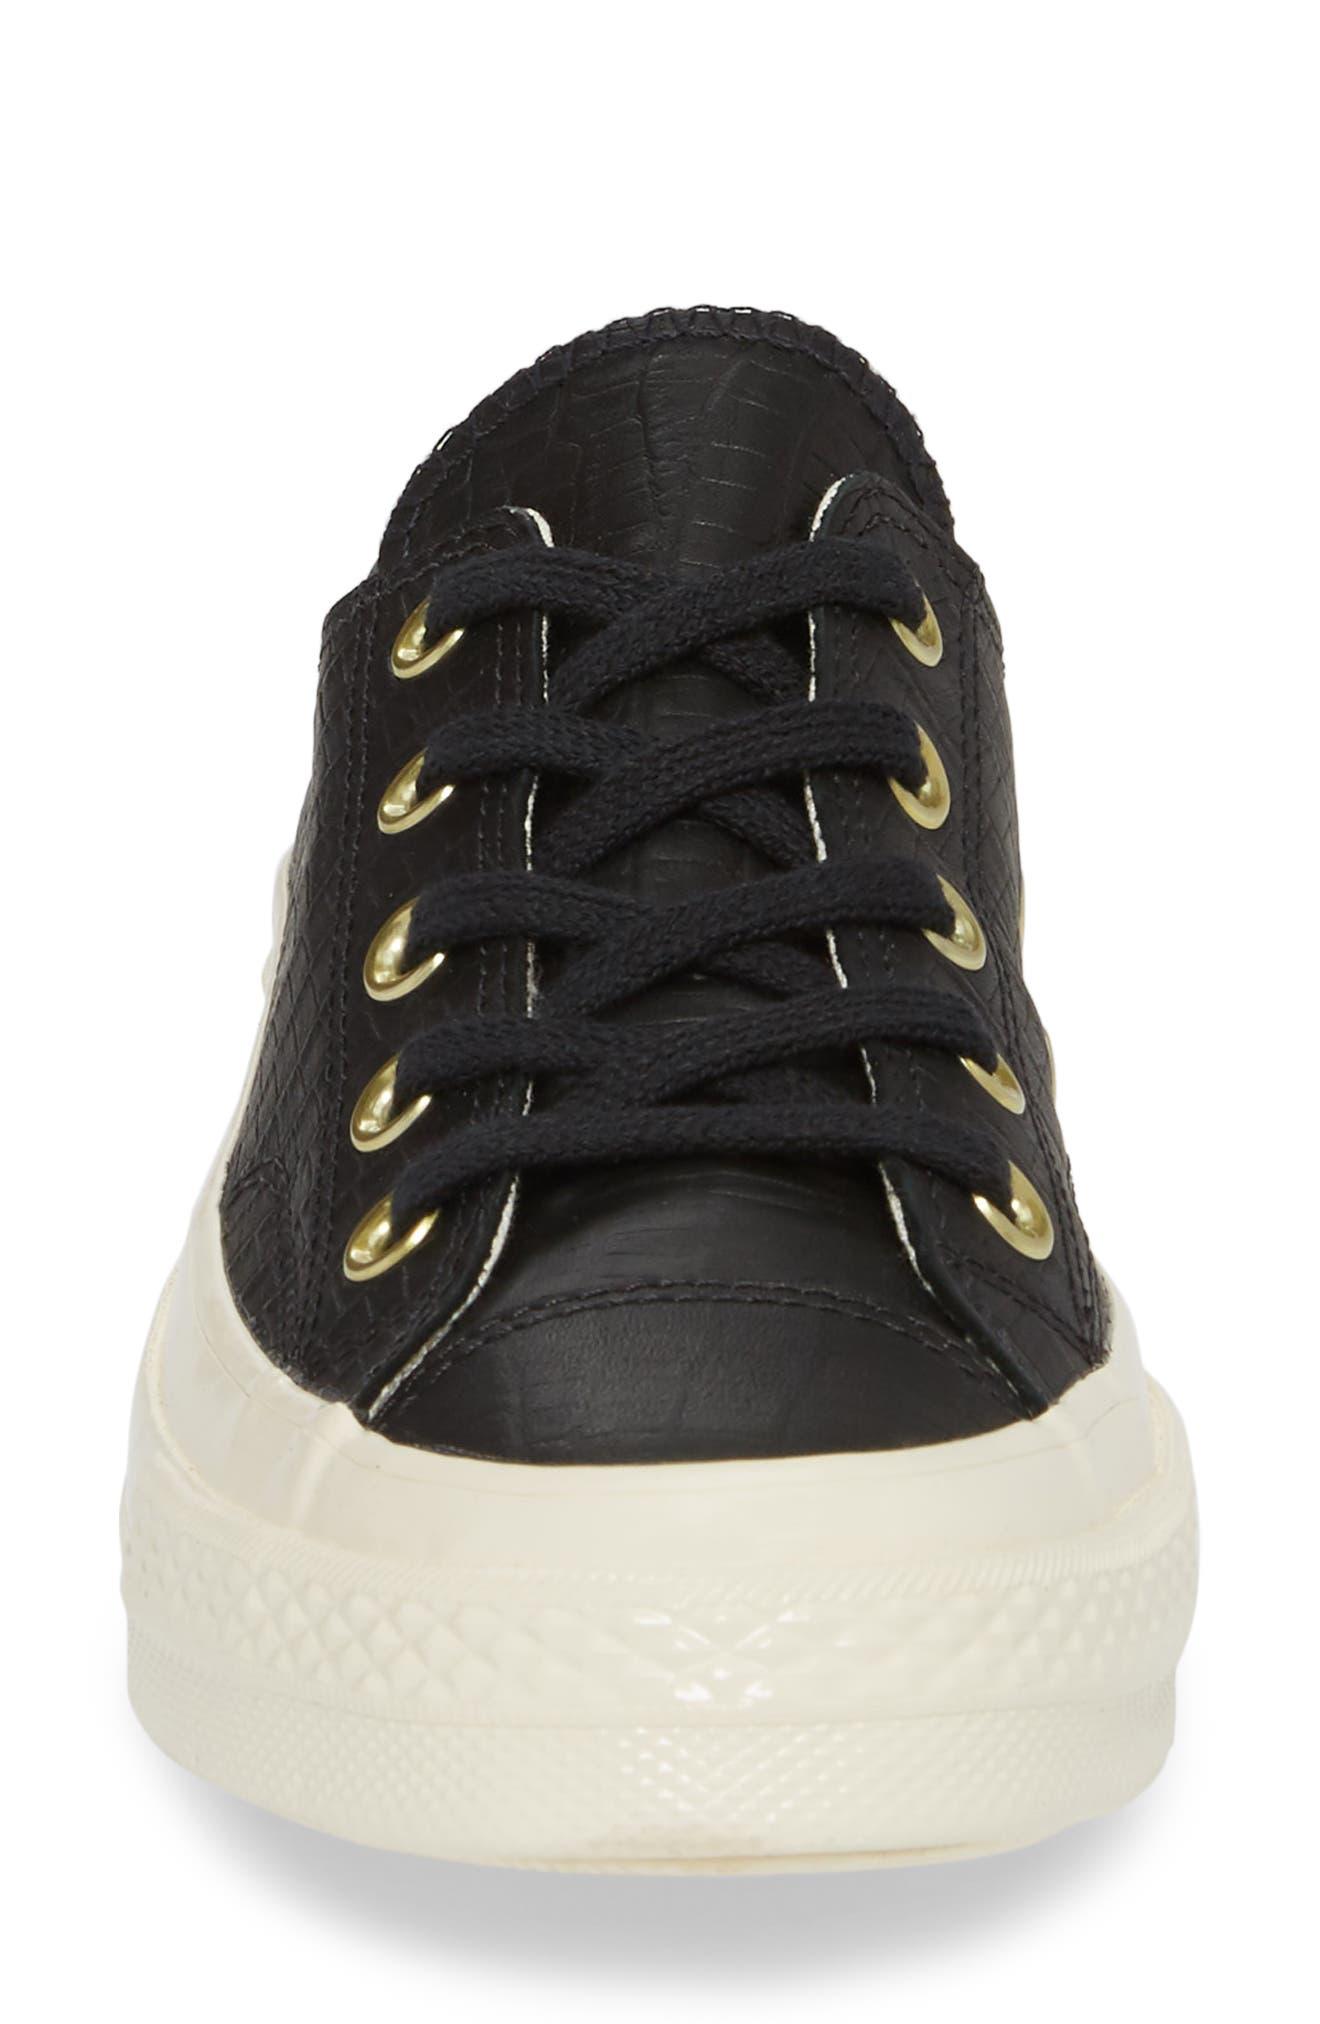 CT 70 Reptile Low Top Sneaker,                             Alternate thumbnail 4, color,                             001